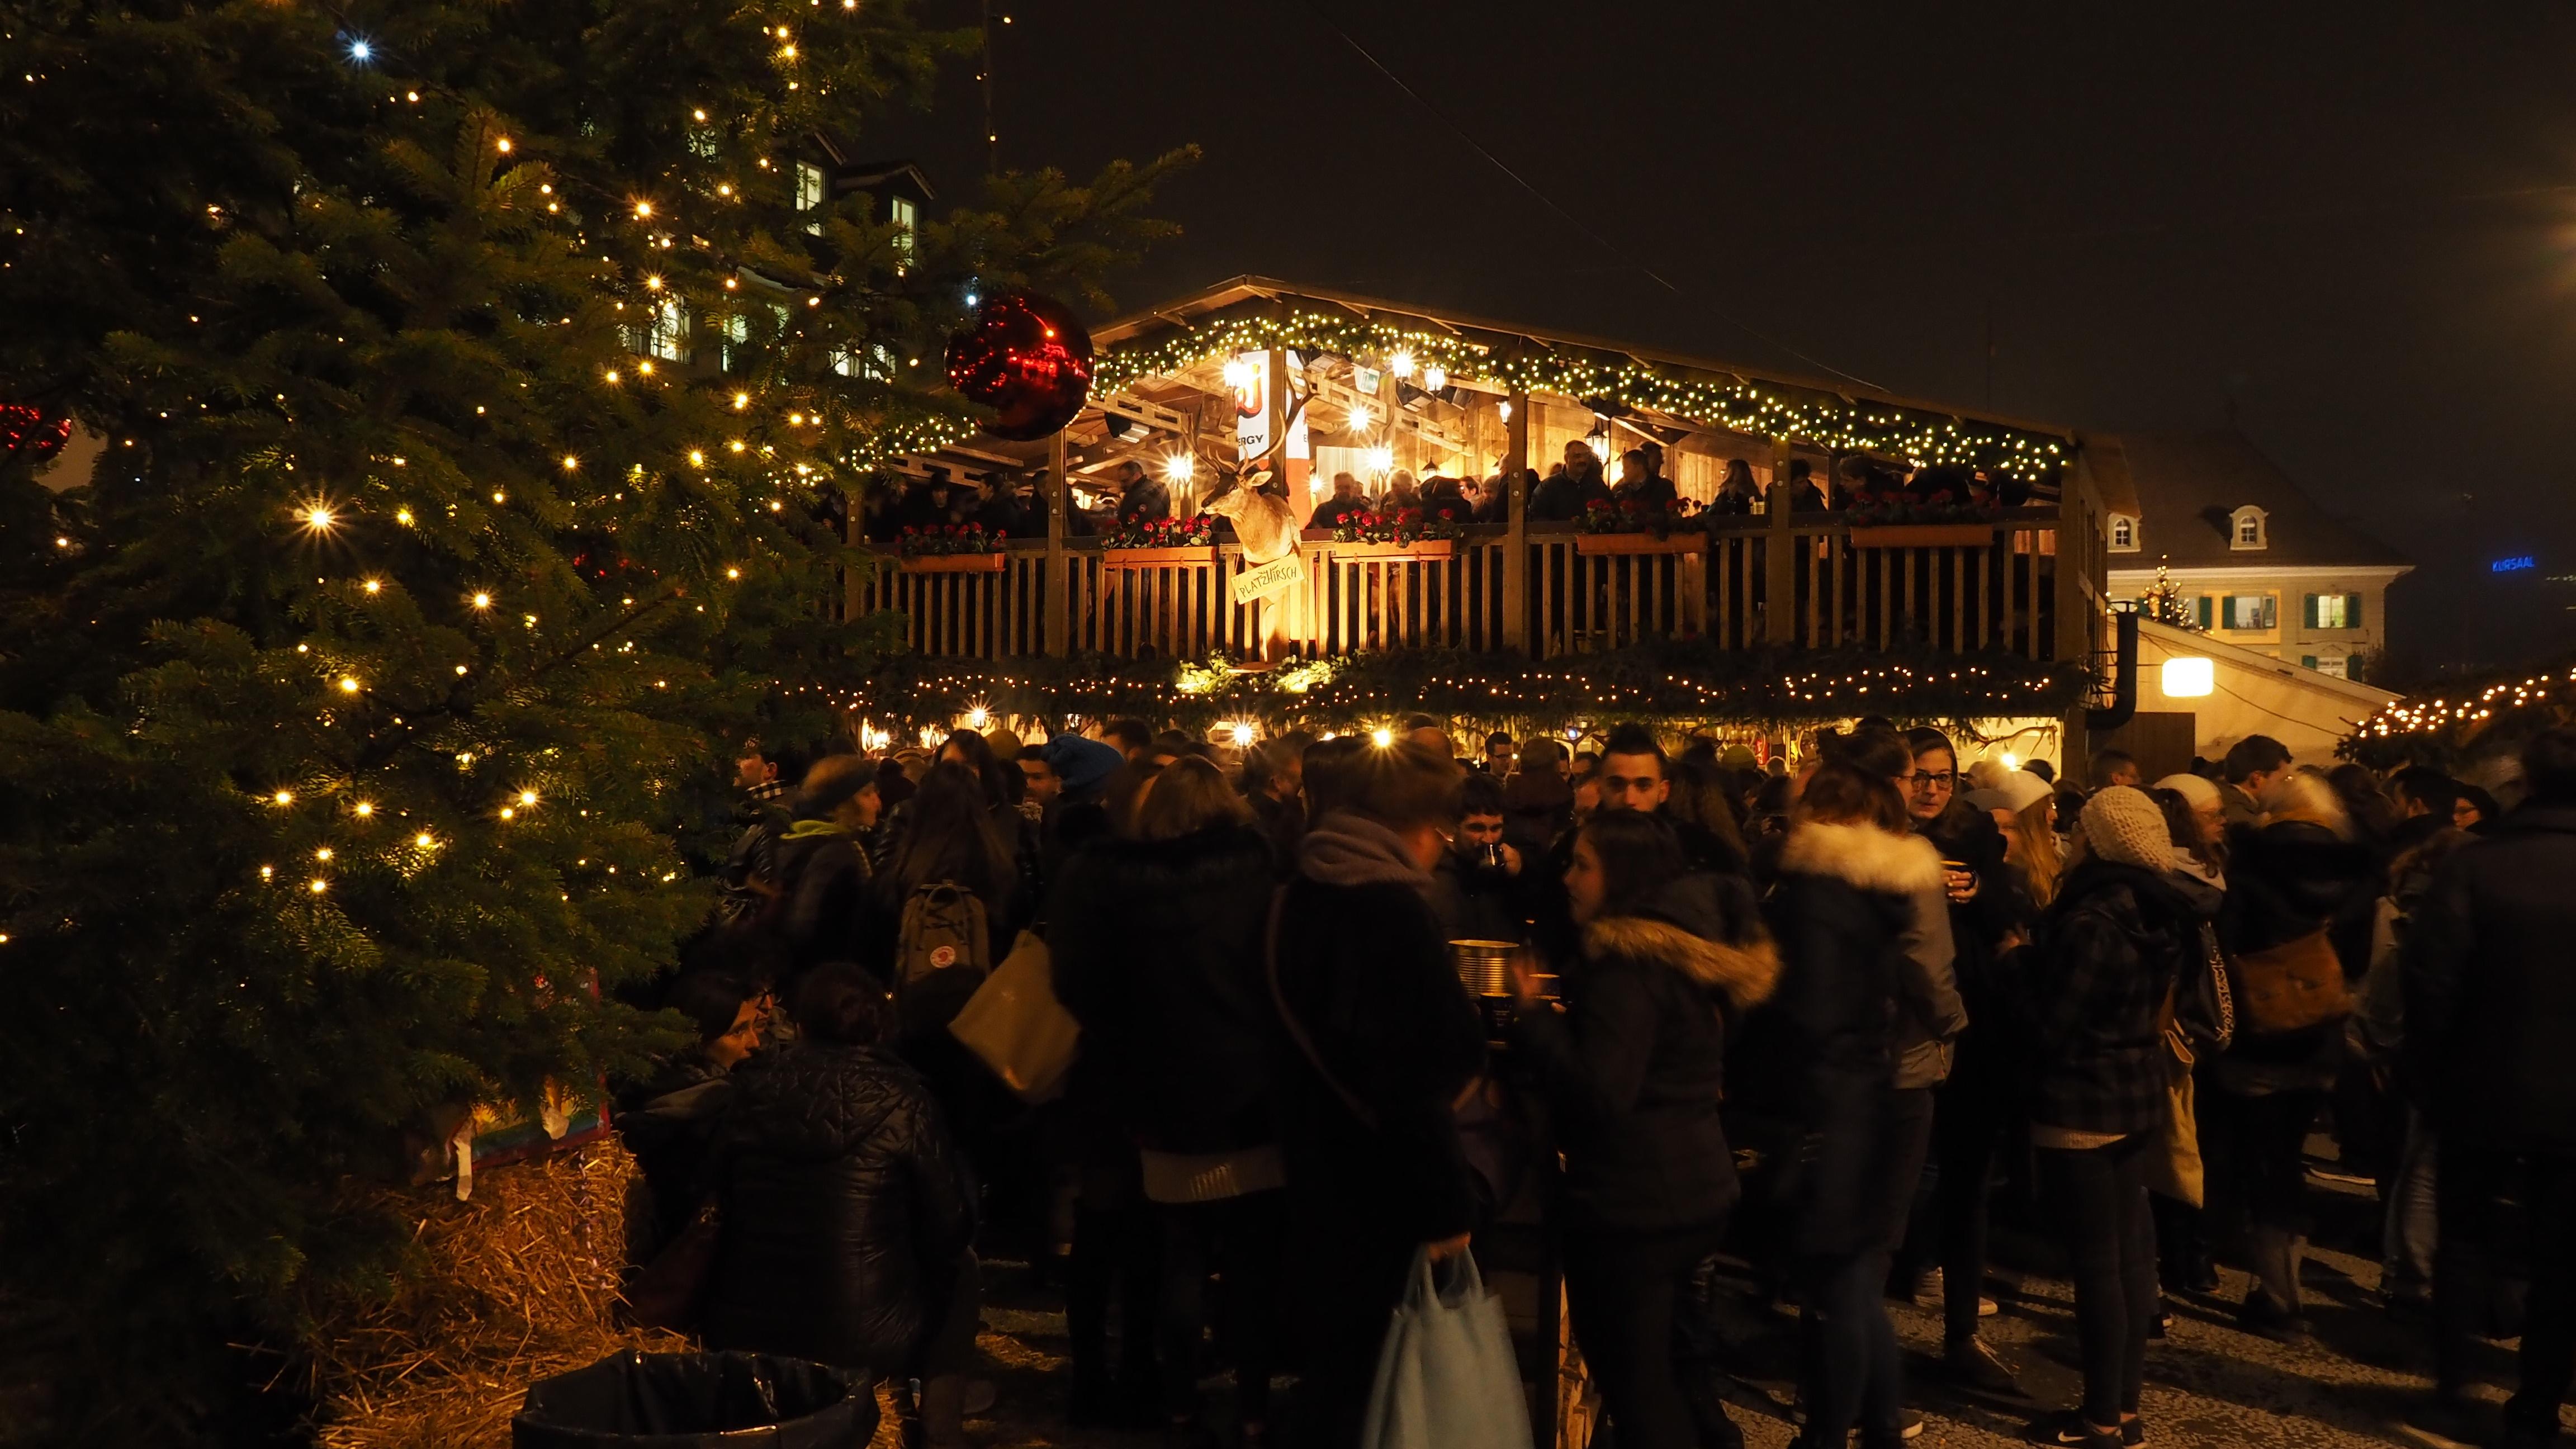 Wo Ist Noch Weihnachtsmarkt.Weihnachtsmarkt Waisenhausplatz Bern Bern Welcome